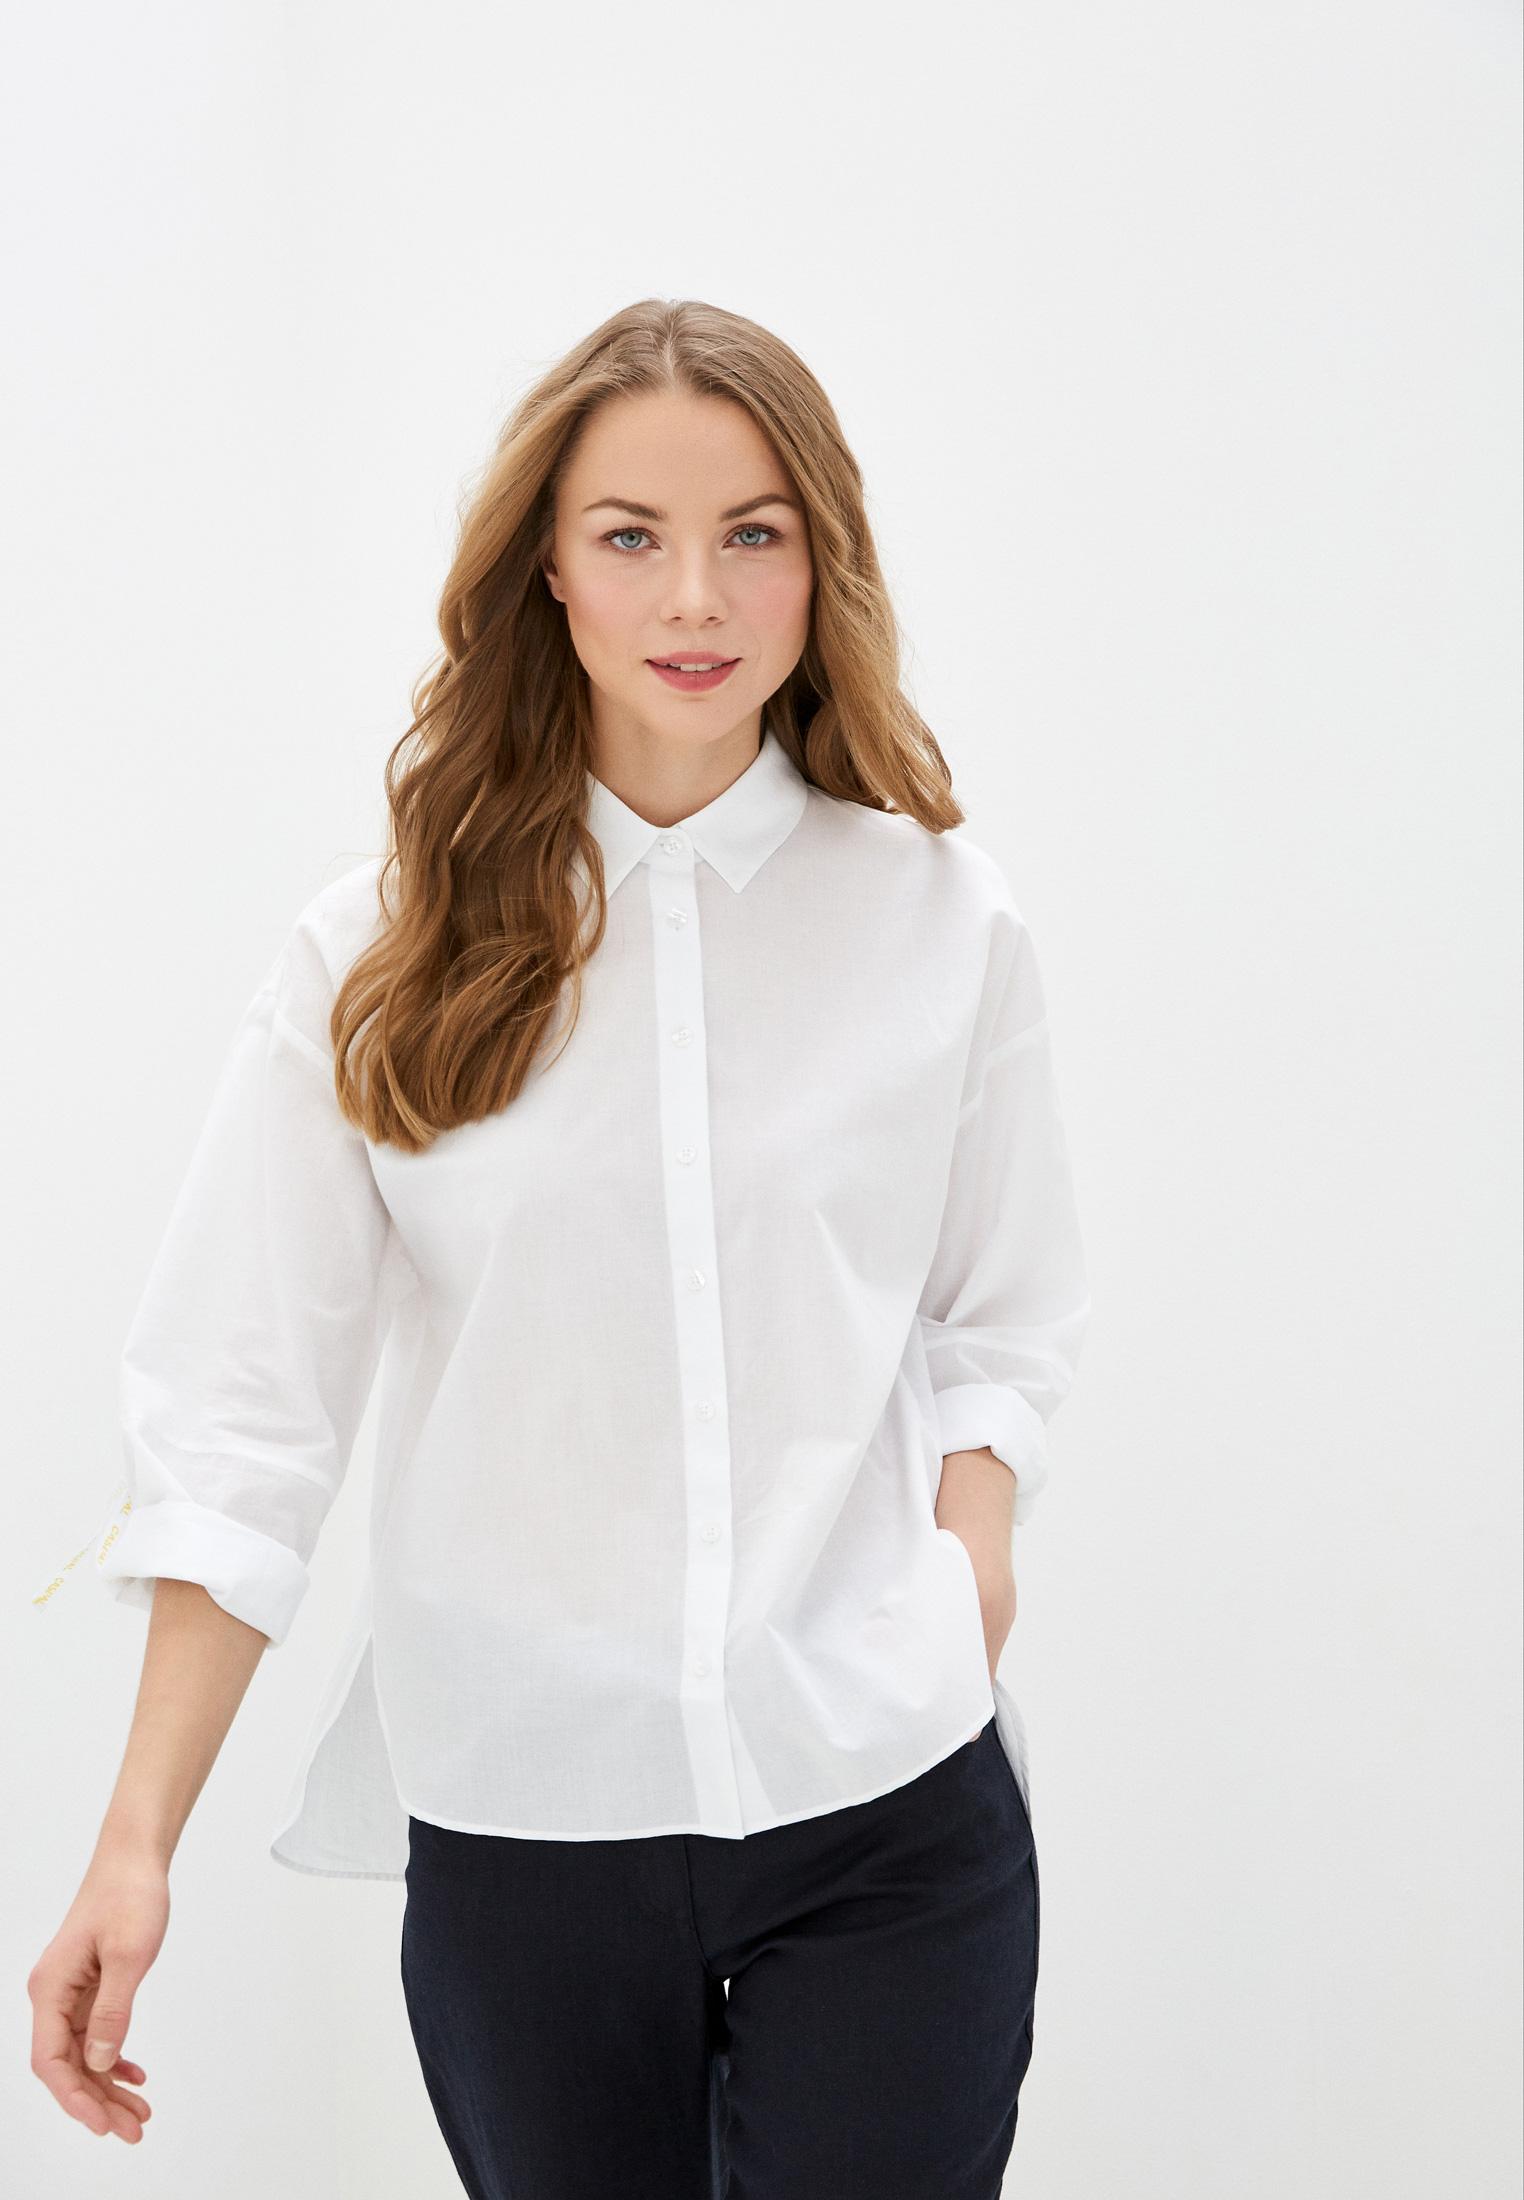 Женские рубашки с длинным рукавом Gerry Weber (Гарри Вебер) 260327-66614